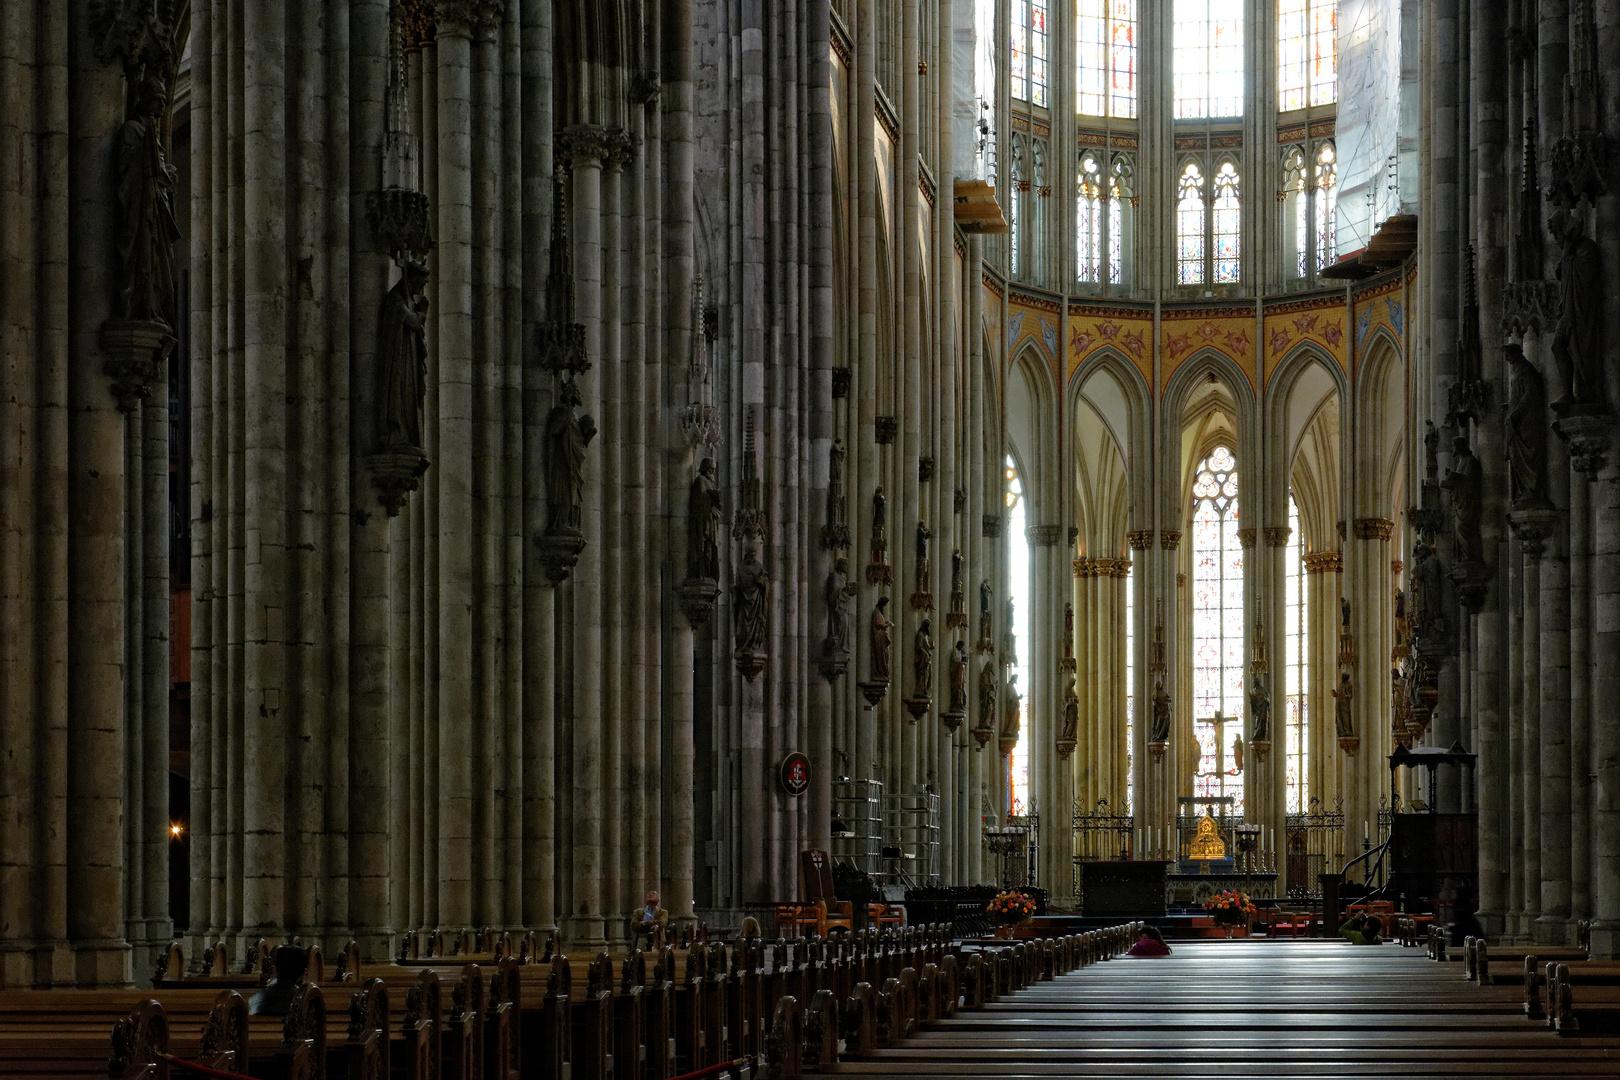 Im Kölner Dom - Bänke und Säulen